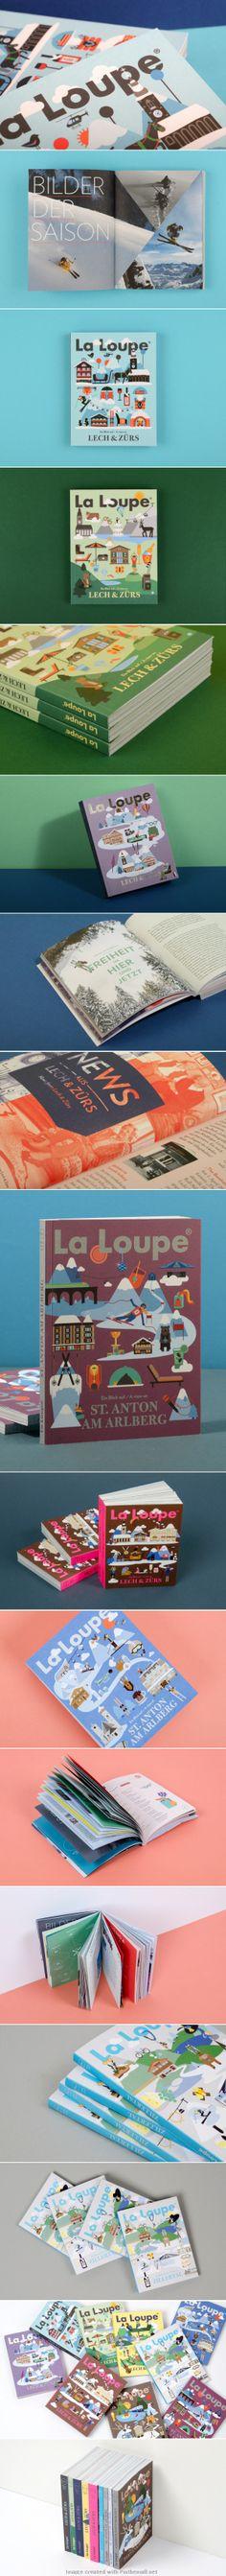 La Loupe Editorial Design